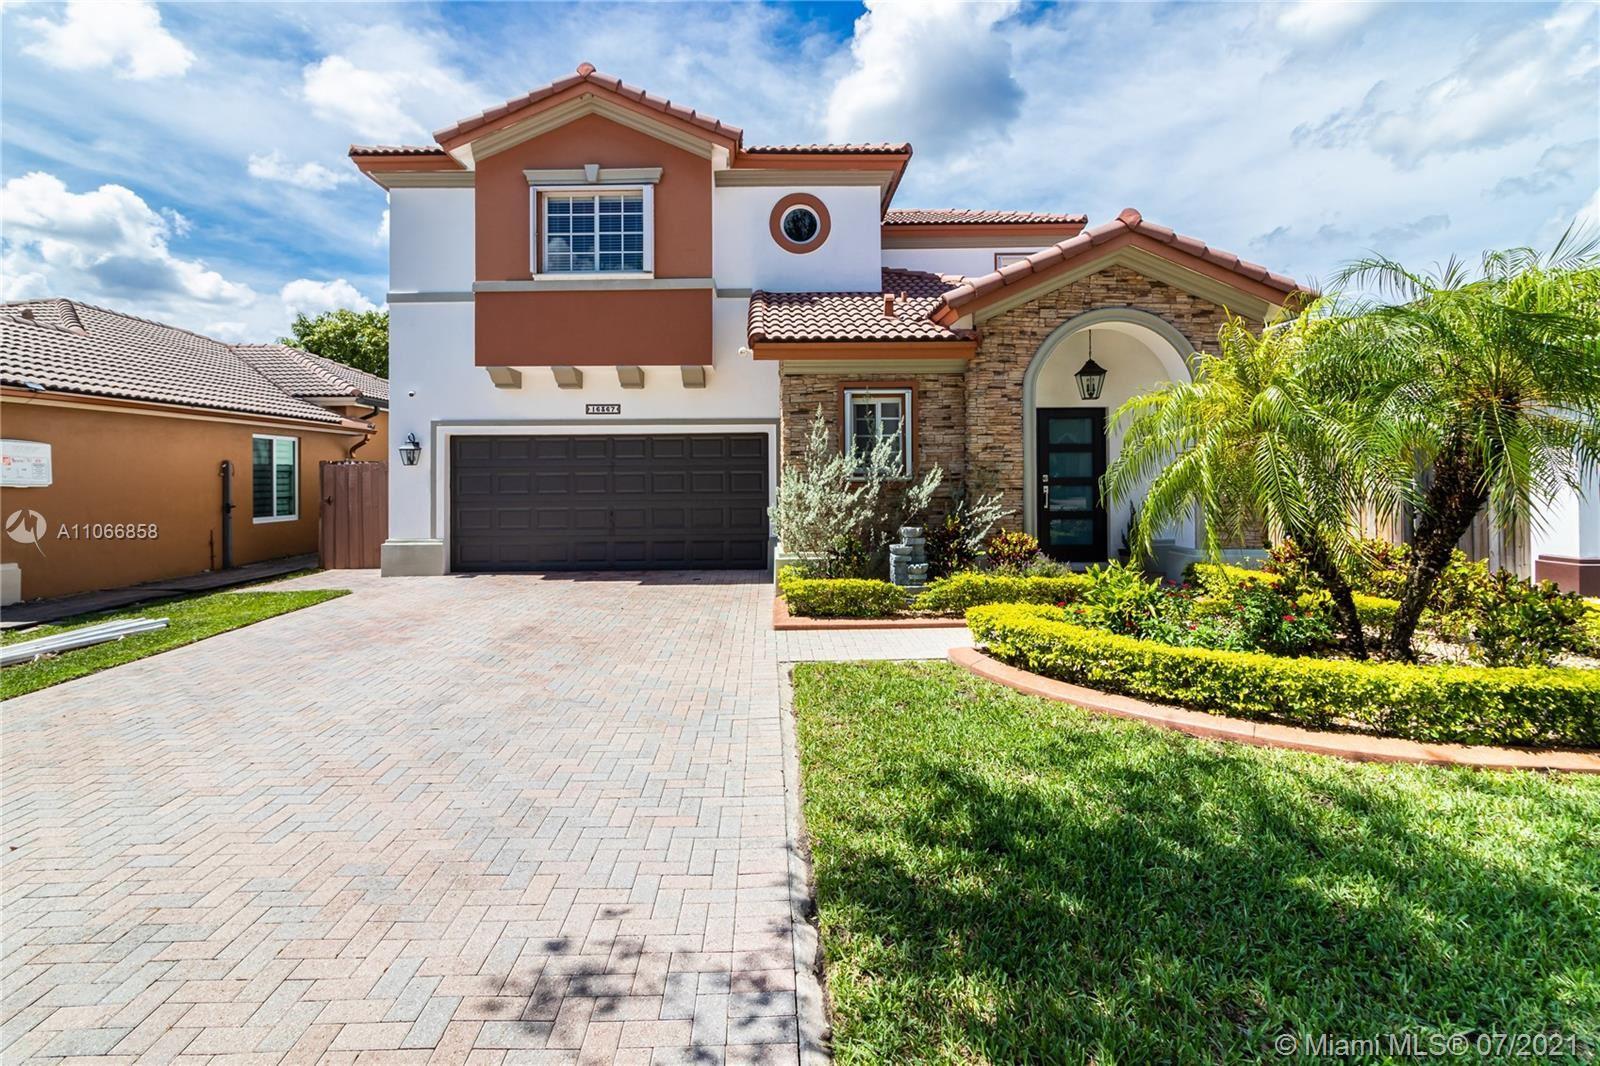 16367 SW 50th Ter, Miami, FL 33185 - #: A11066858